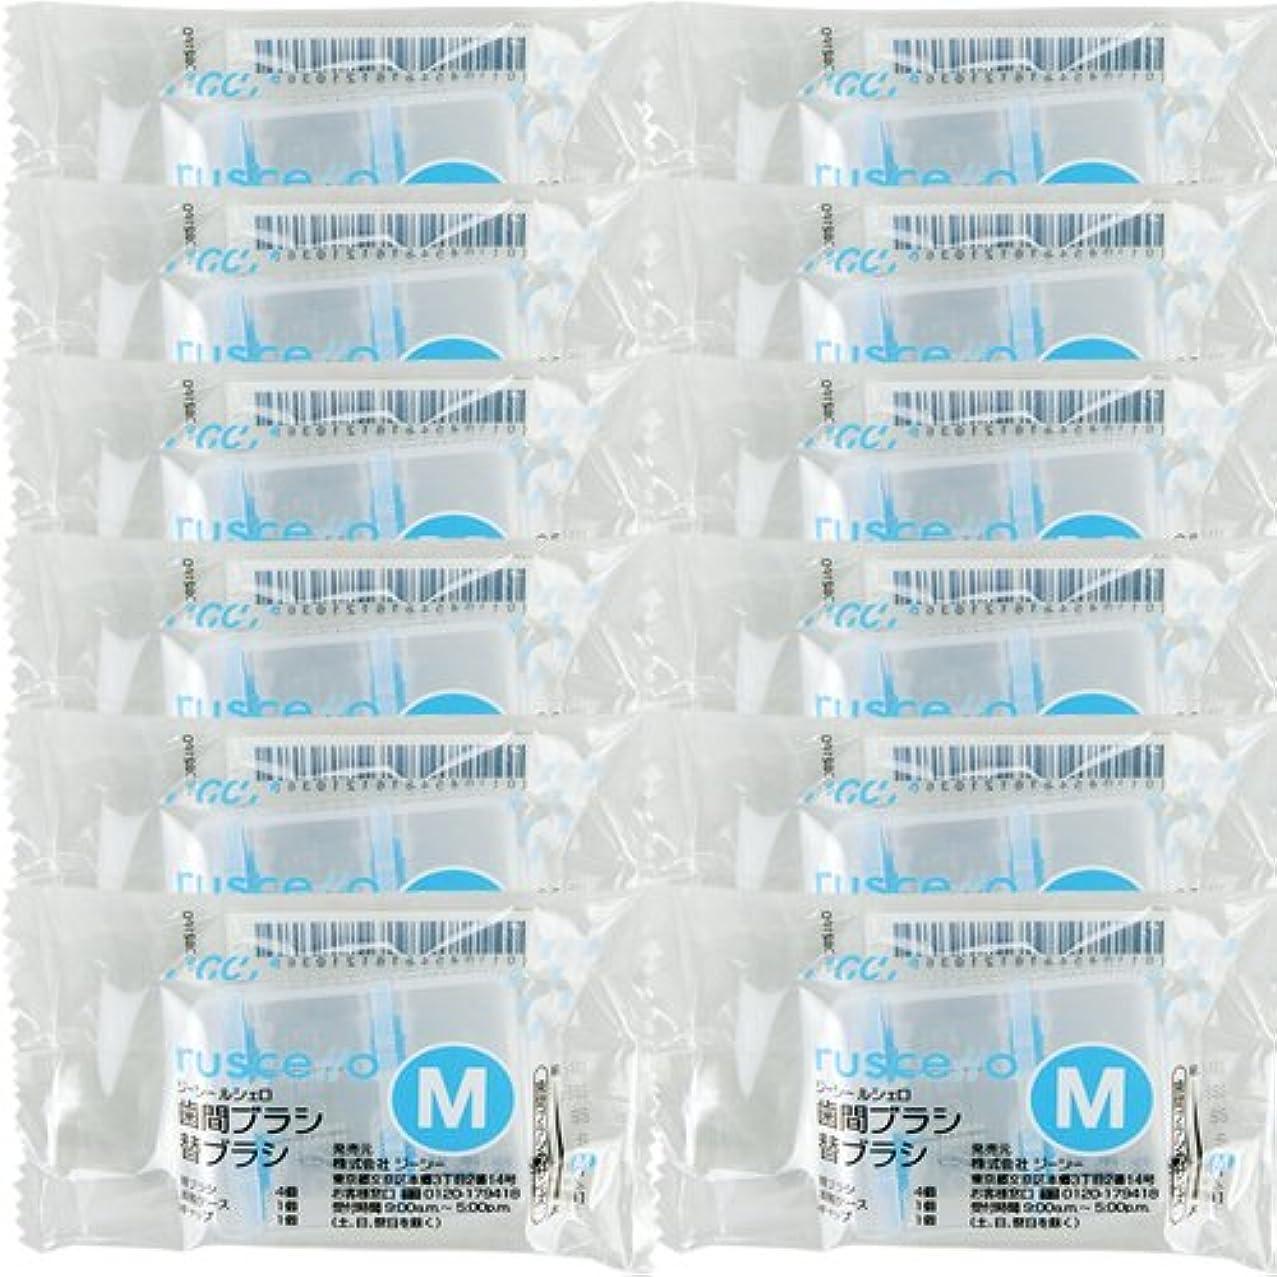 責めるである廃止するGC ジーシー ルシェロ歯間ブラシ 替えブラシ(4個入) × 12個セット M